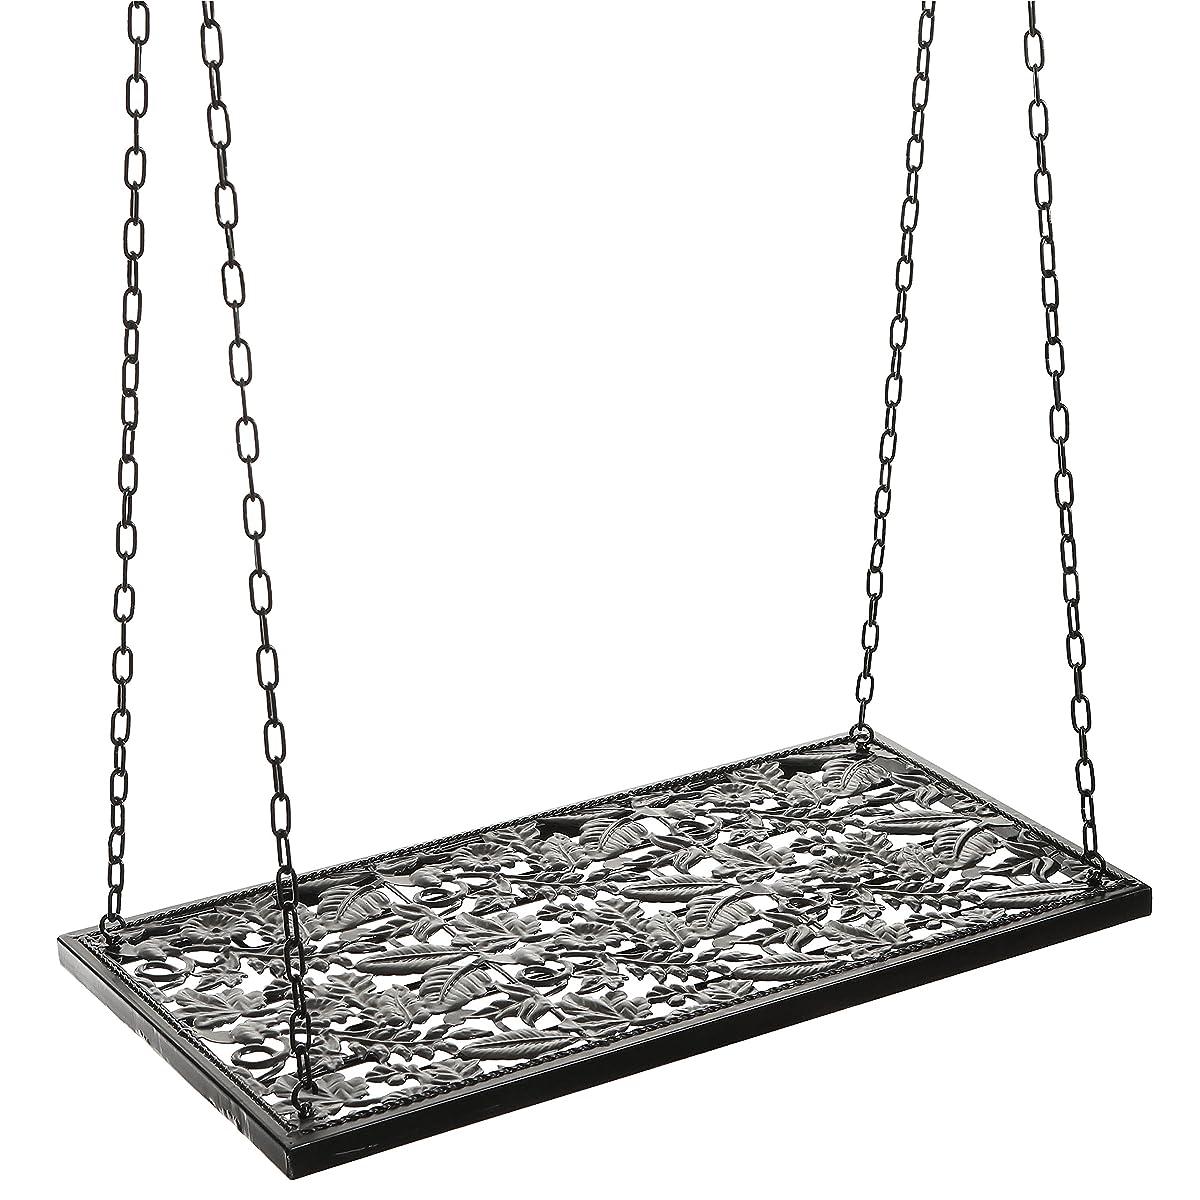 Vineyard Design Black Metal Ceiling Mounted Hanging Stemware Wine Glass Hanger Organizer Rack